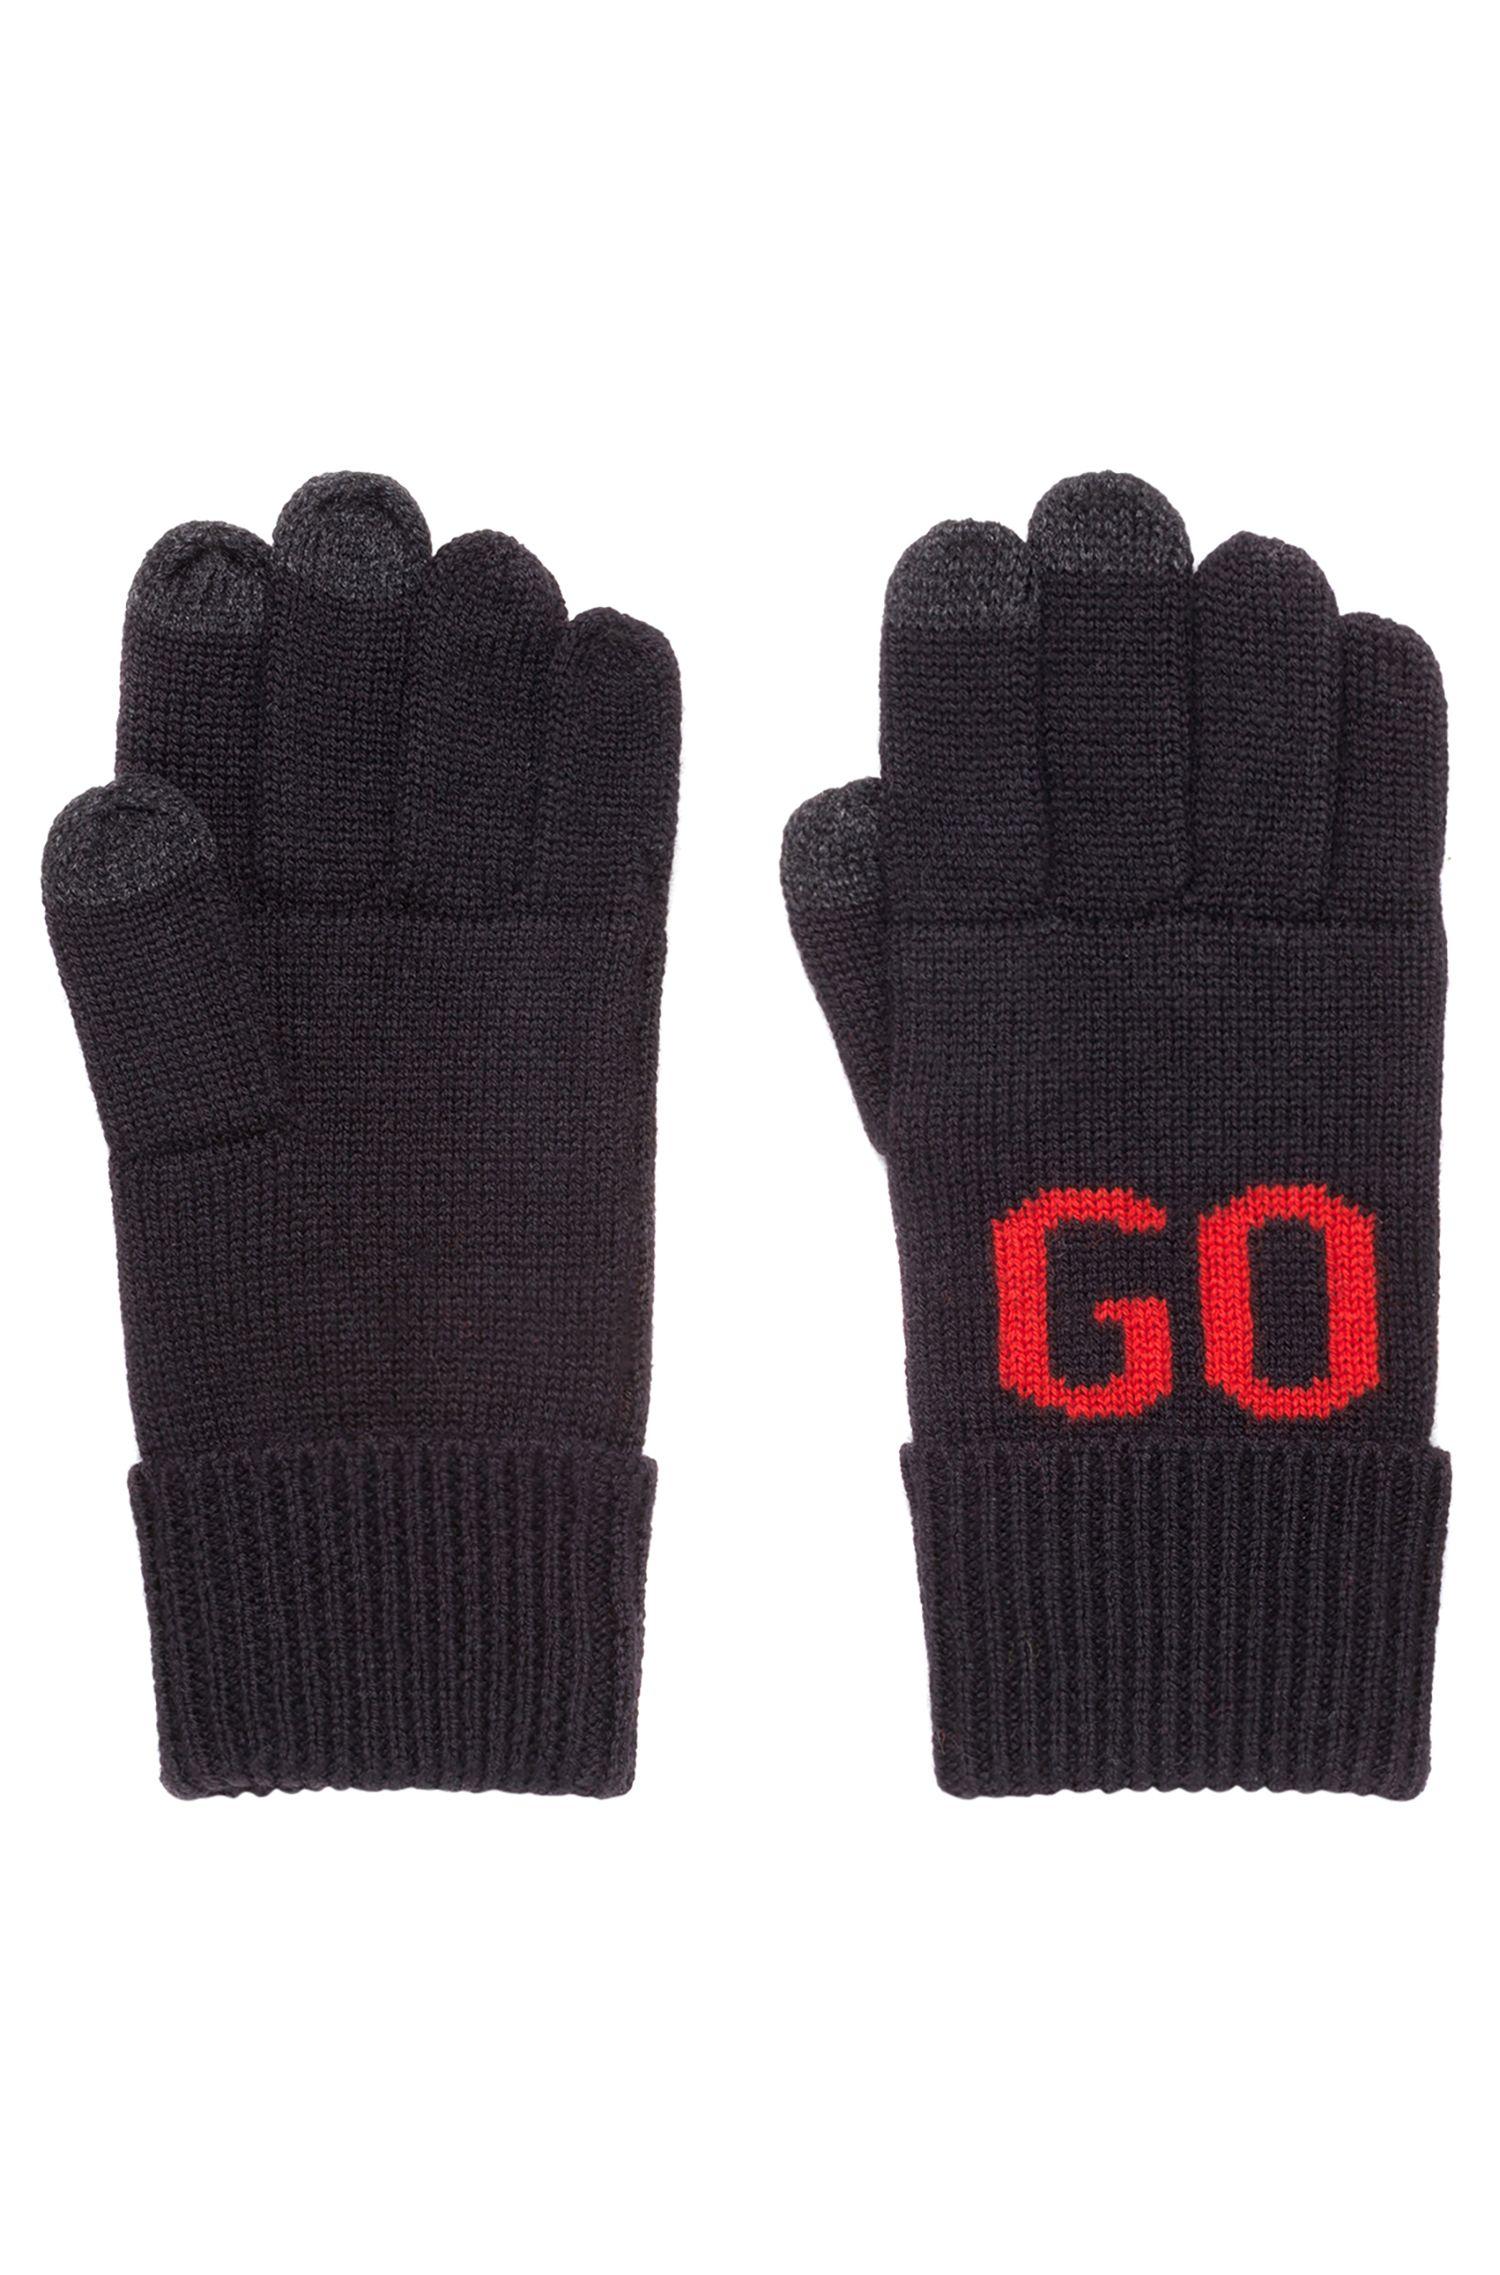 Handschuhe aus Woll-Mix mit Touchscreen-Funktion und Logo